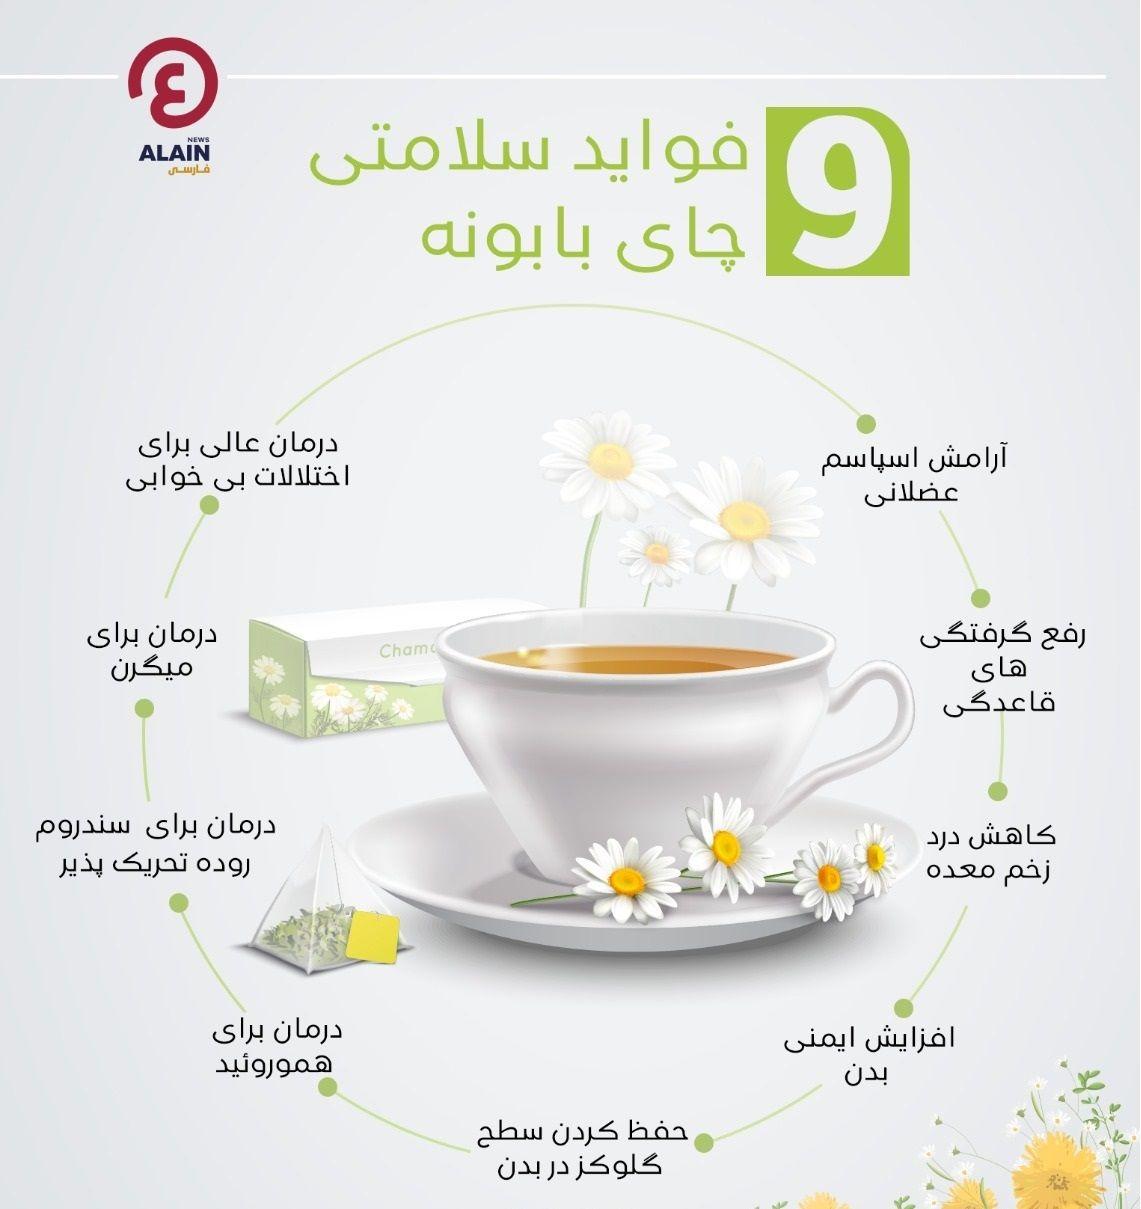 ۹ فایده سلامتی چای بابونه +اینفوگرافی